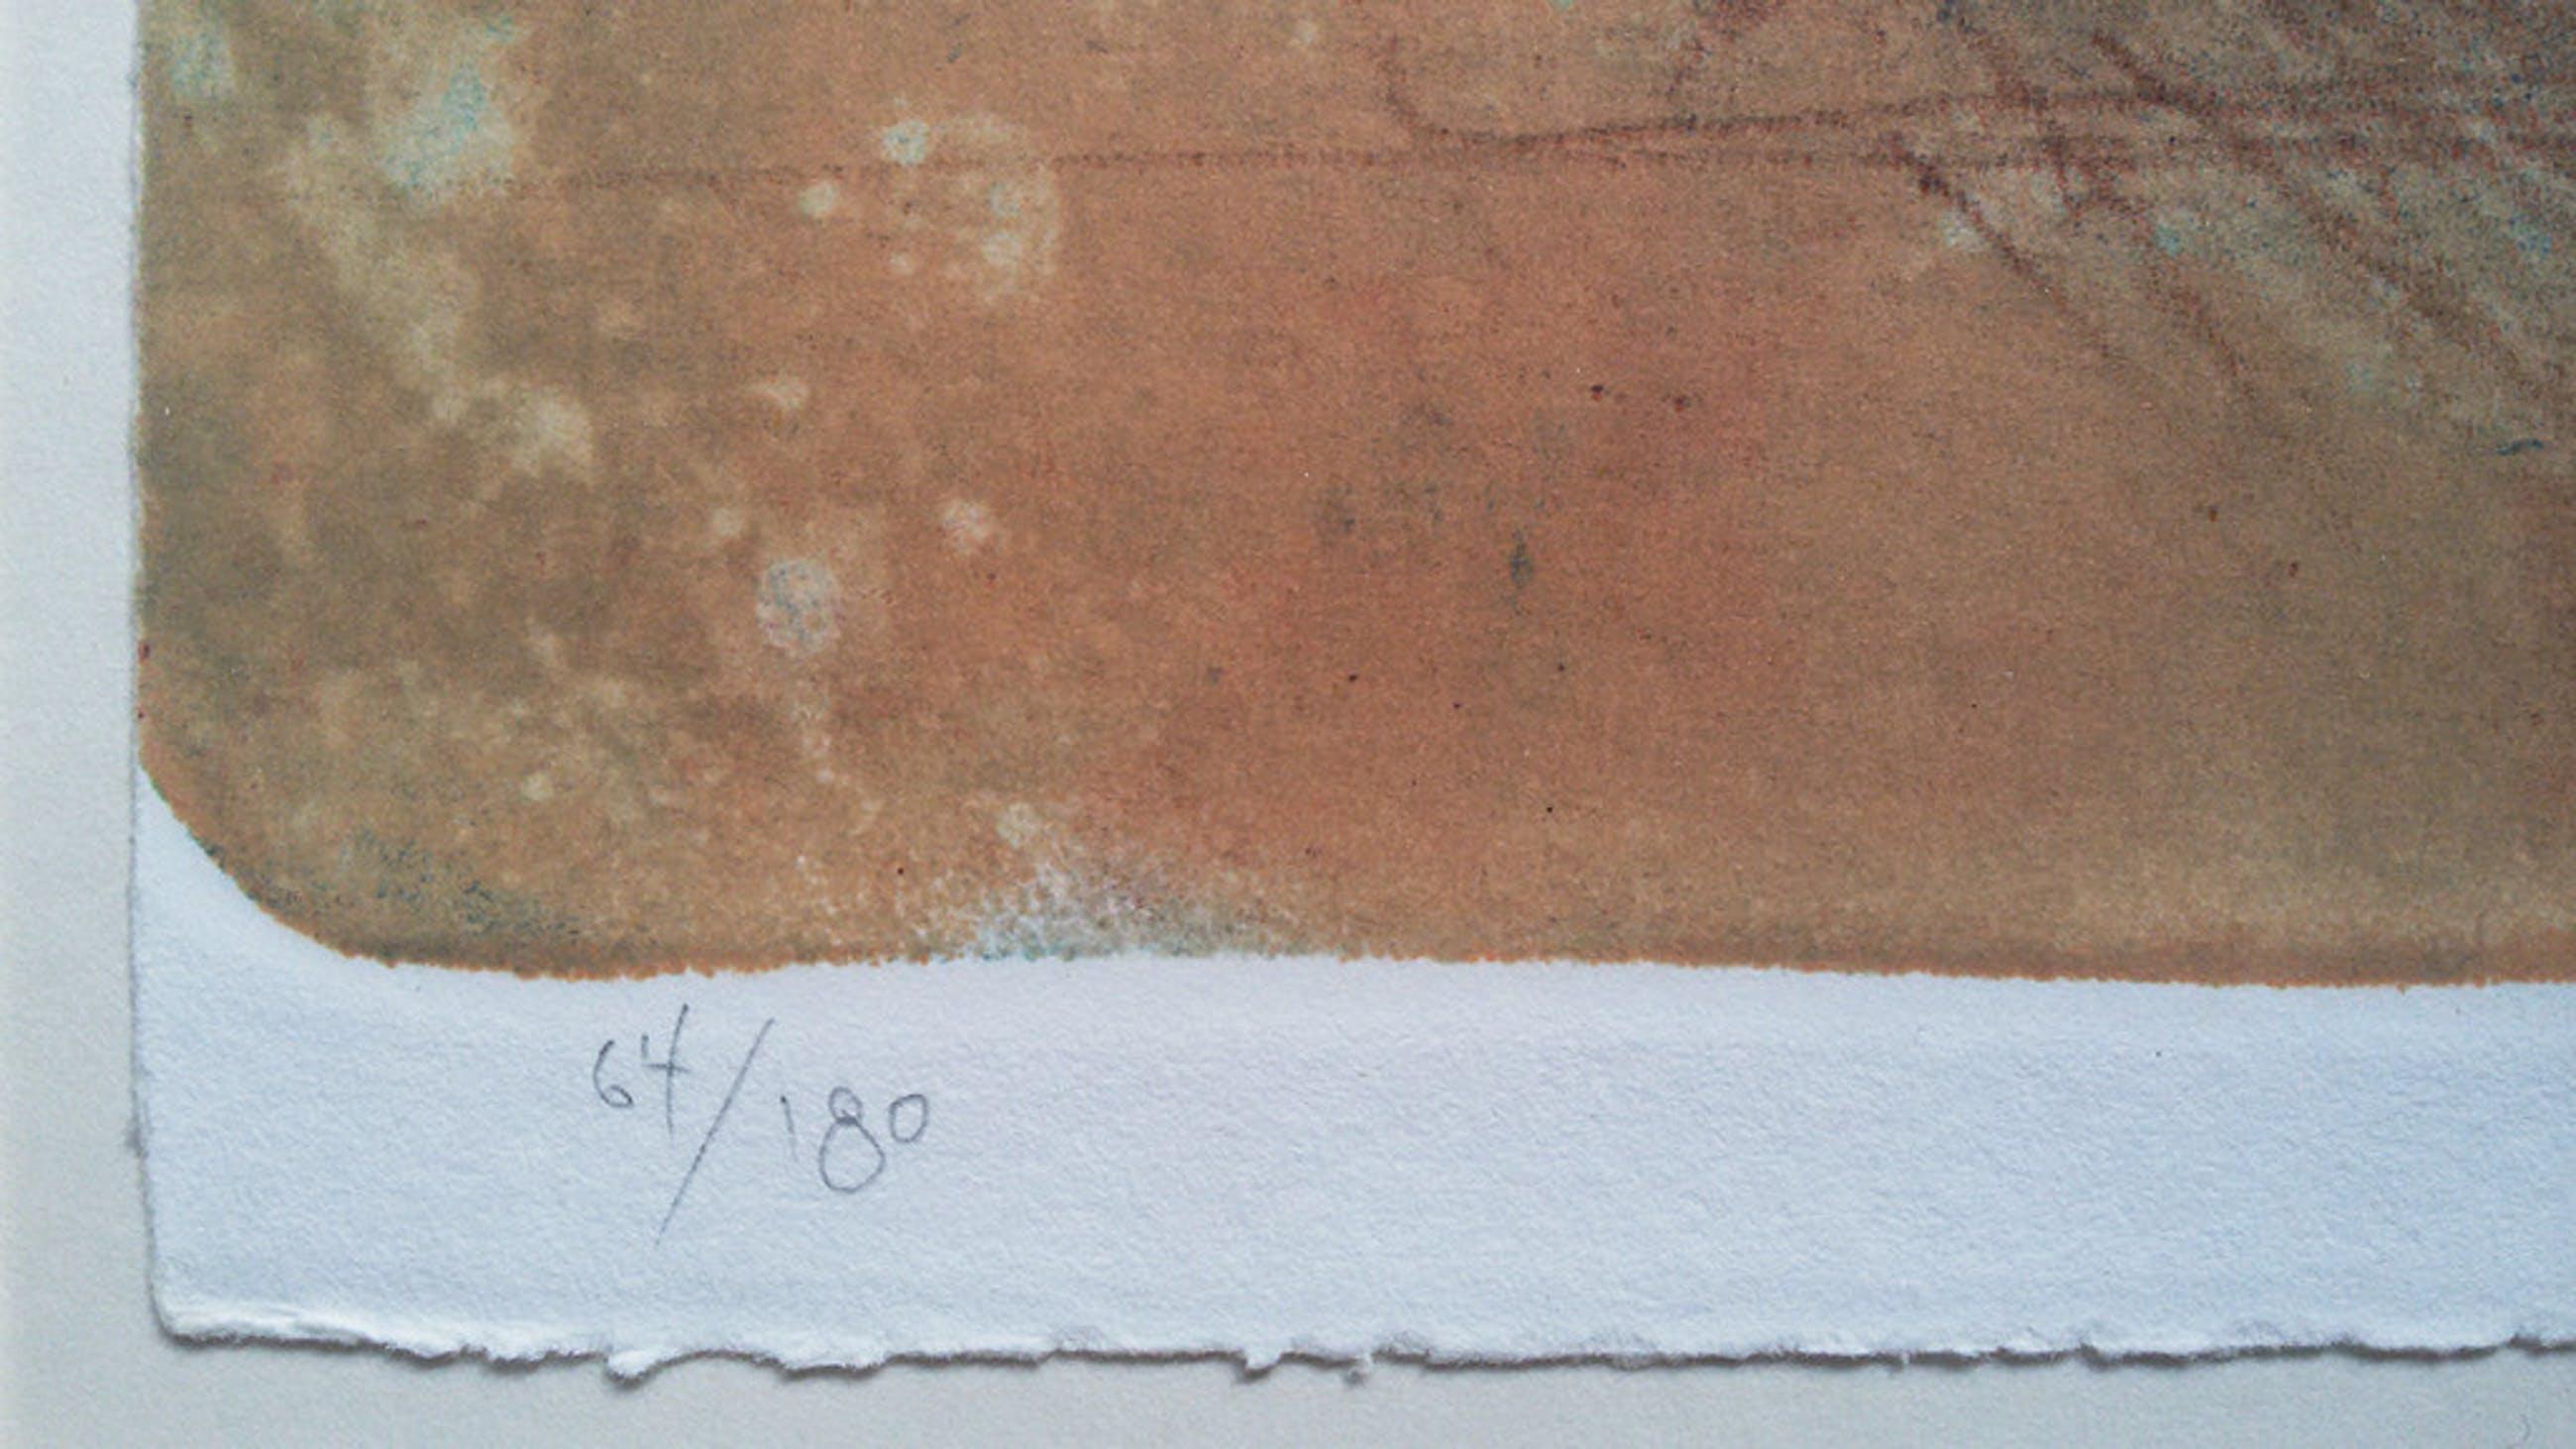 Laatste keer: Massimo Rao - Antenato, litho (prachtig ingelijst, groot) kopen? Bied vanaf 200!